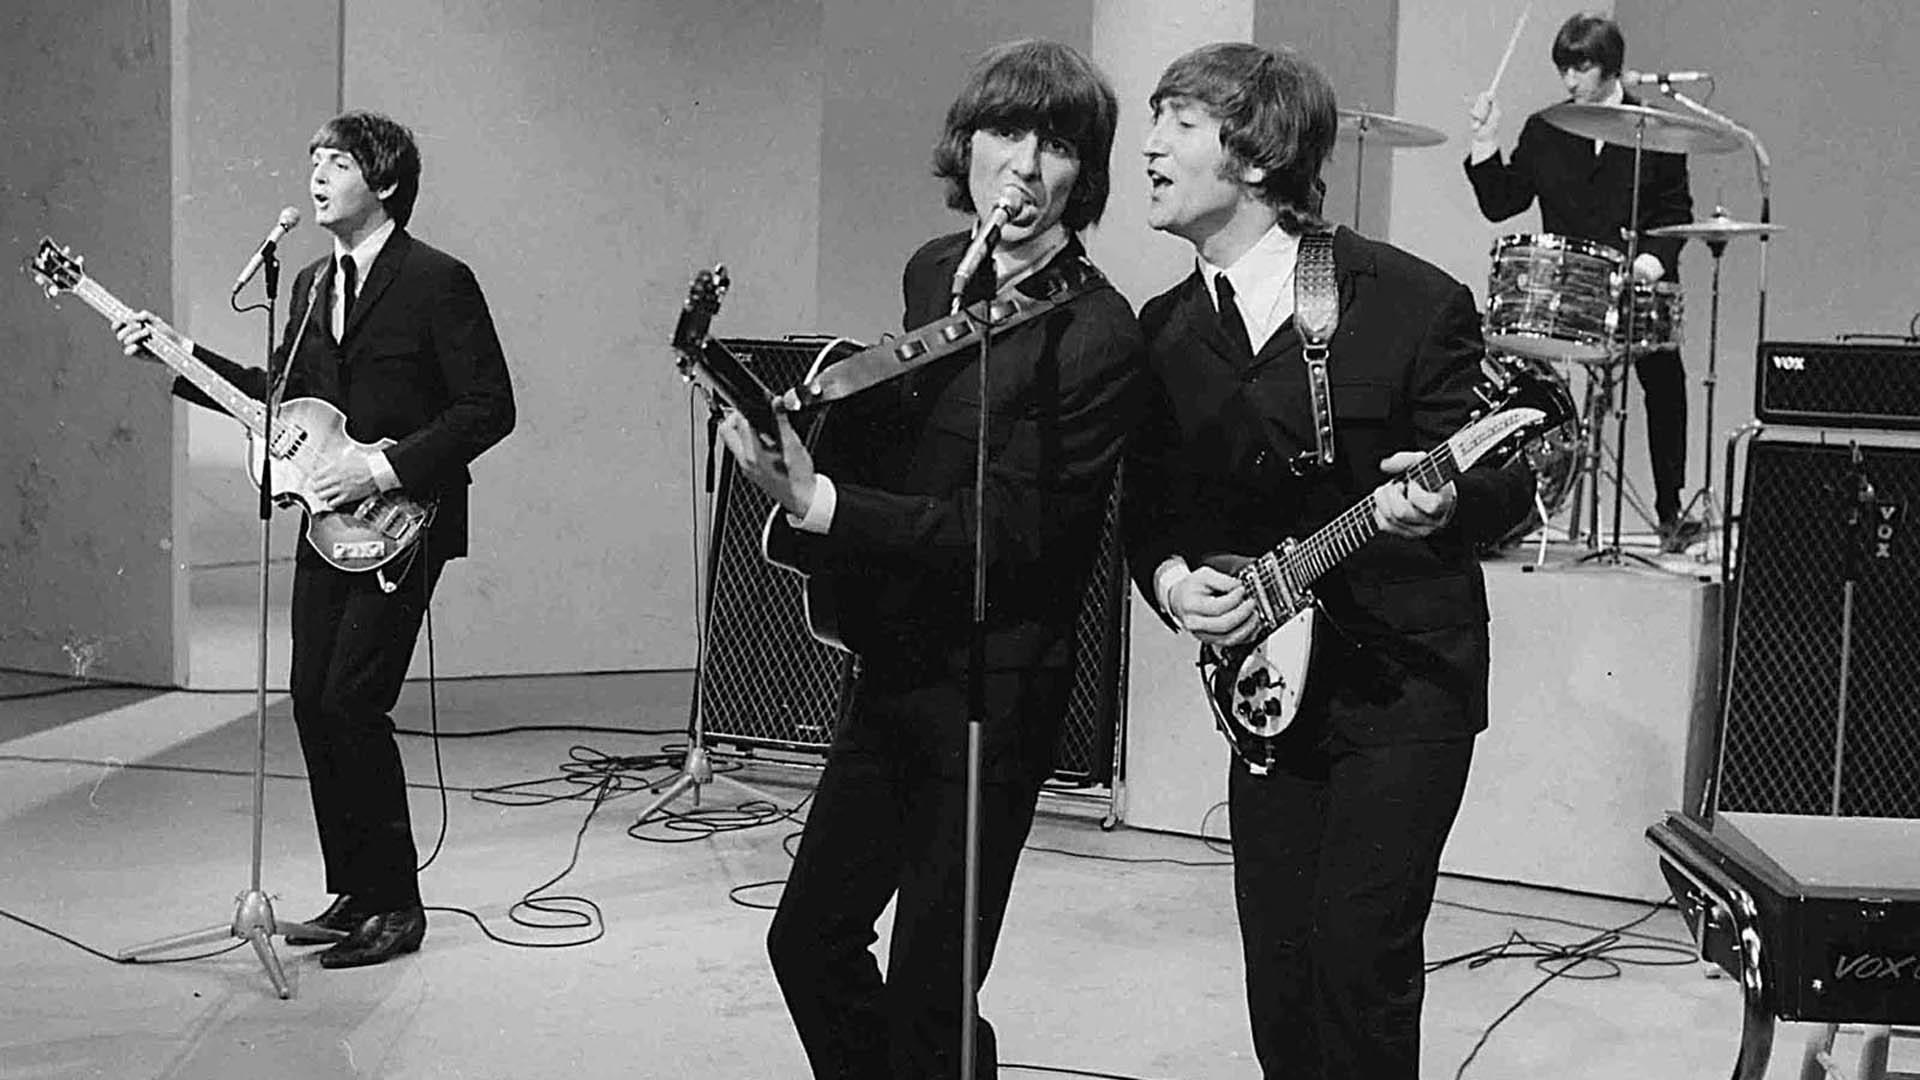 La última esquirla del 2016: fallece el primer mánager de The Beatles